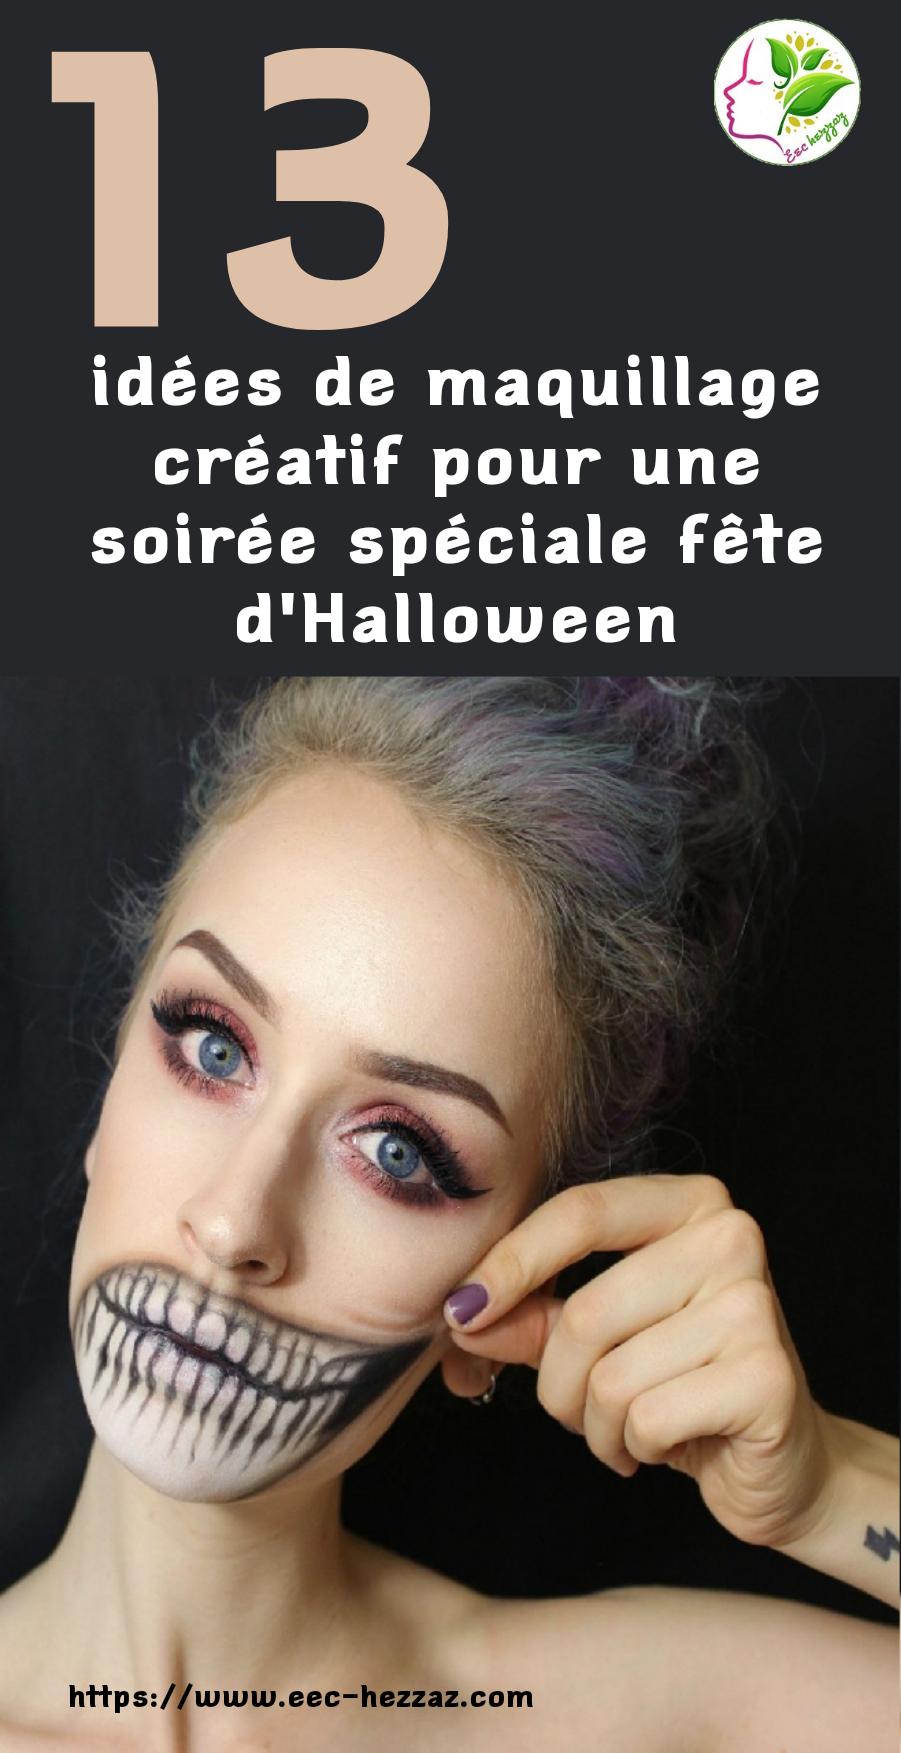 13 idées de maquillage créatif pour une soirée spéciale fête d'Halloween